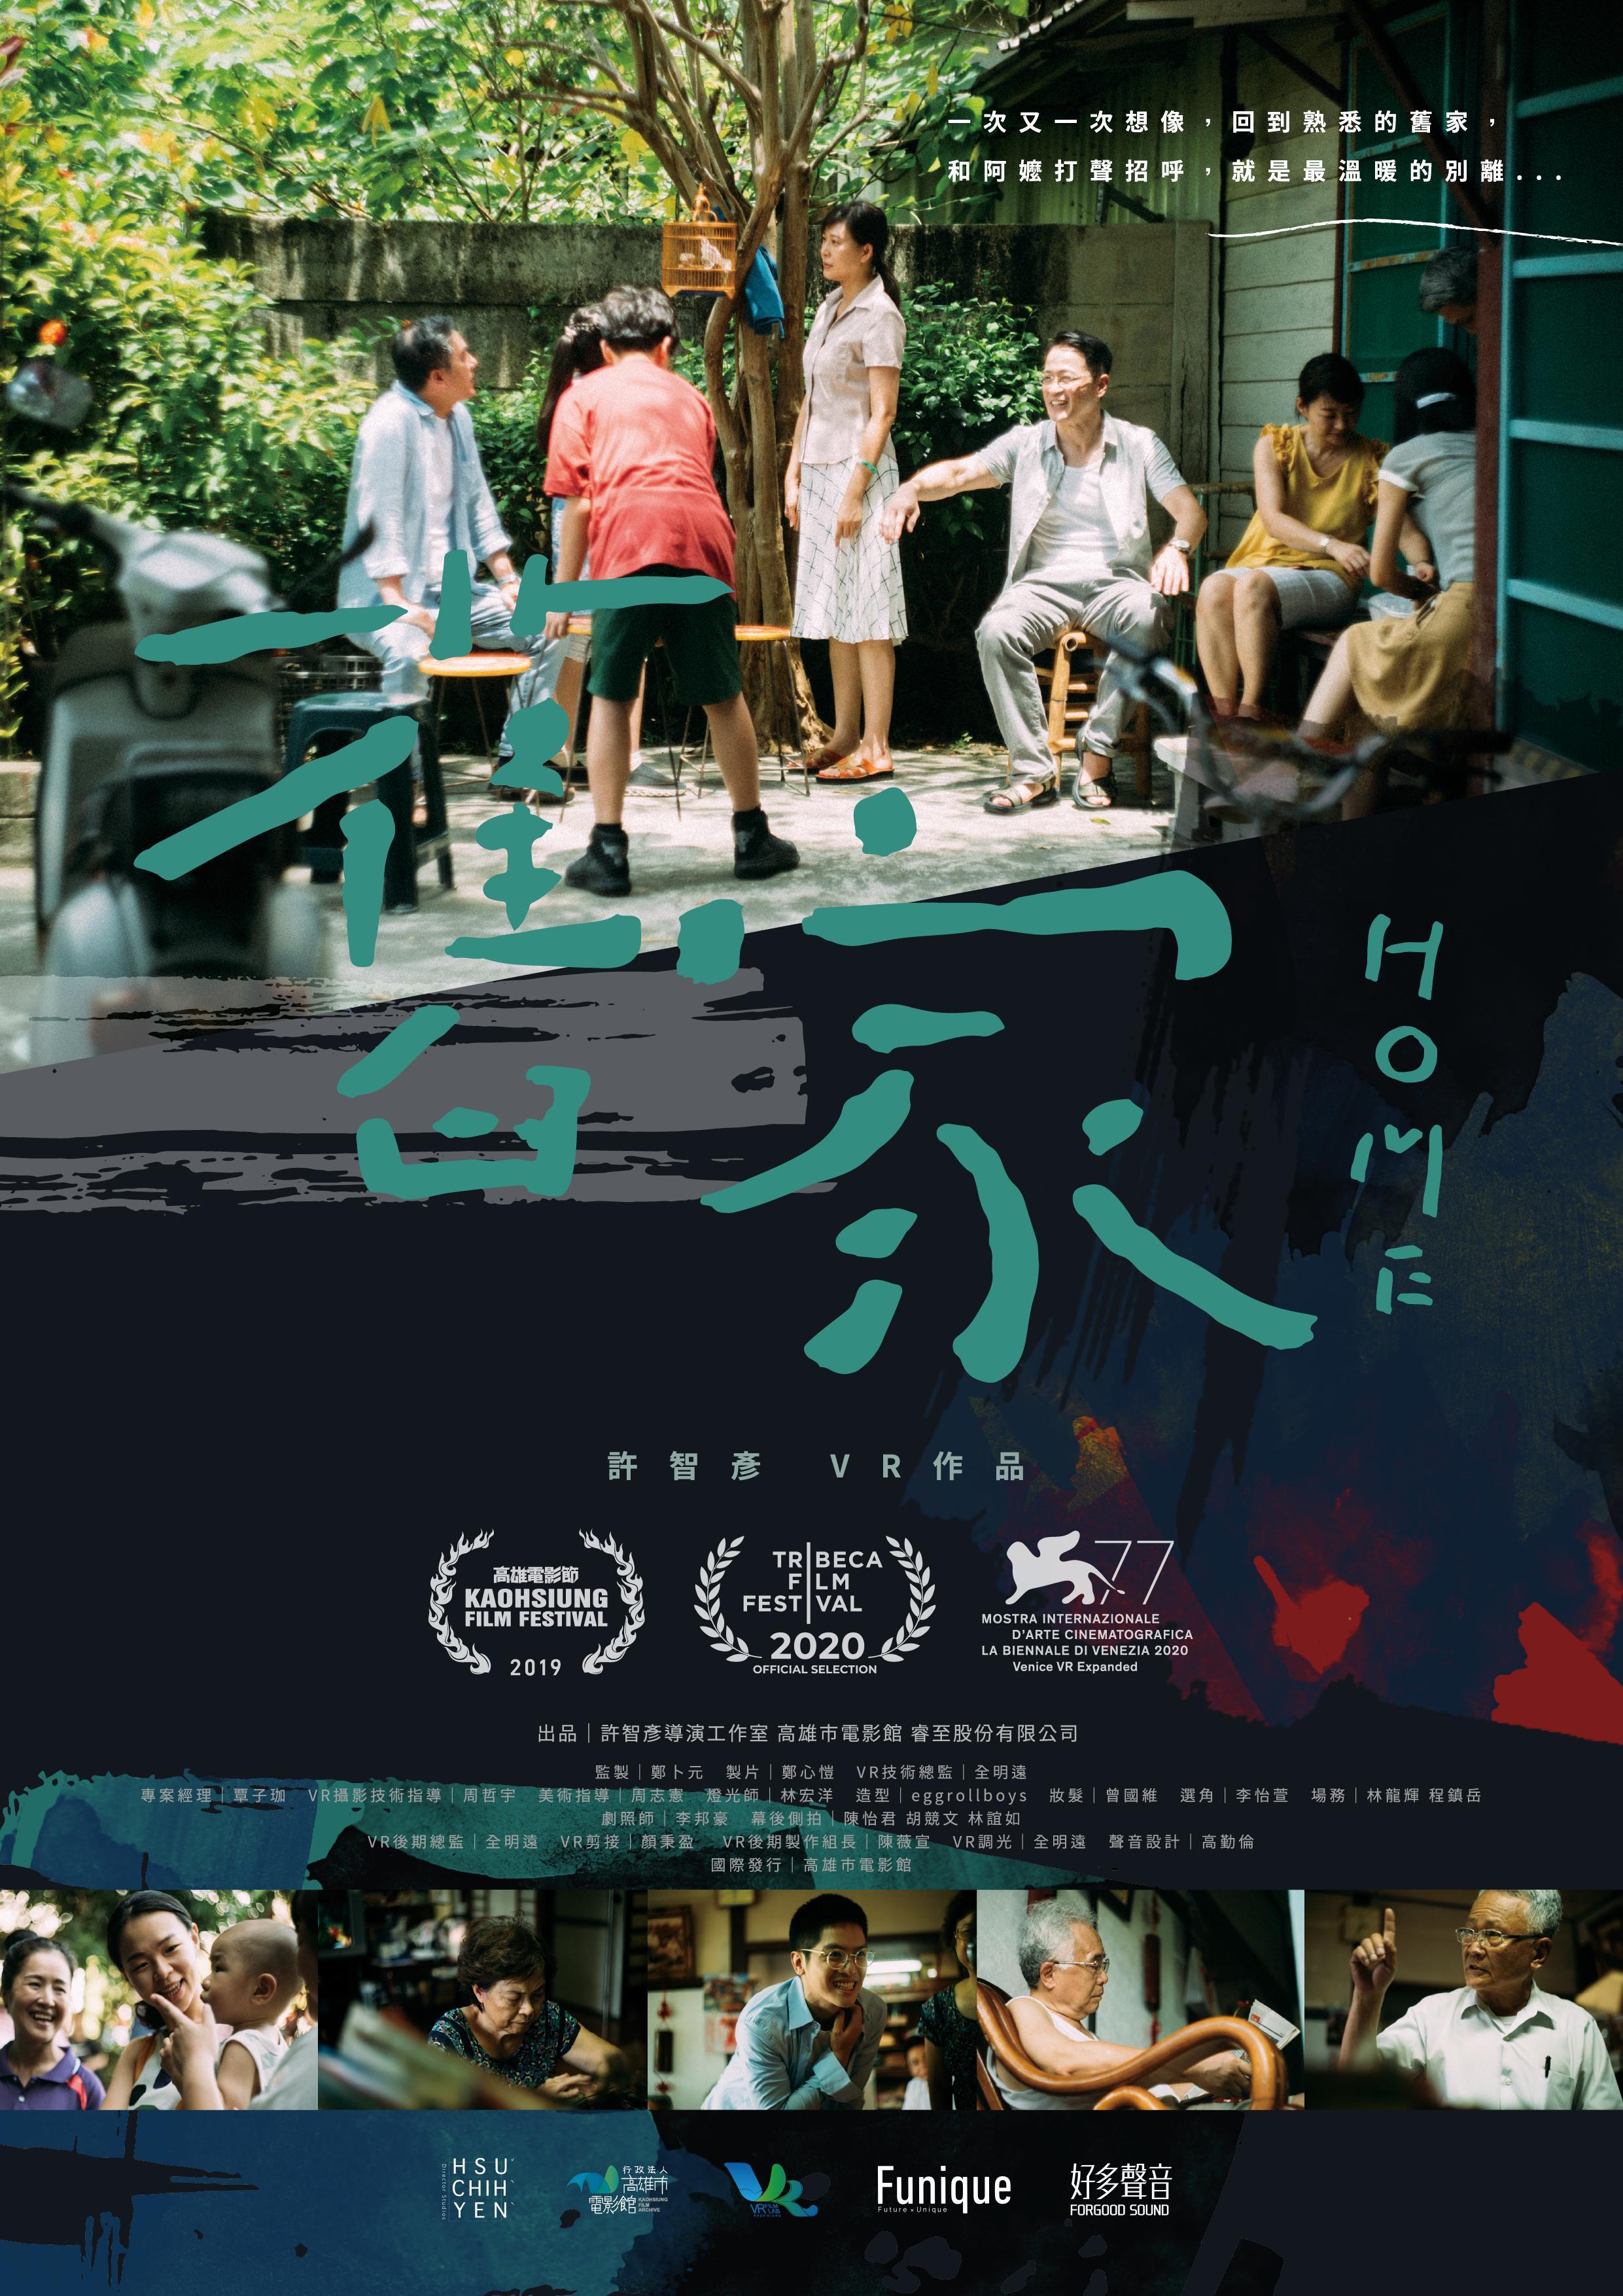 許智彥導演〈舊家〉 電影海報,VR體感劇院現正熱映中